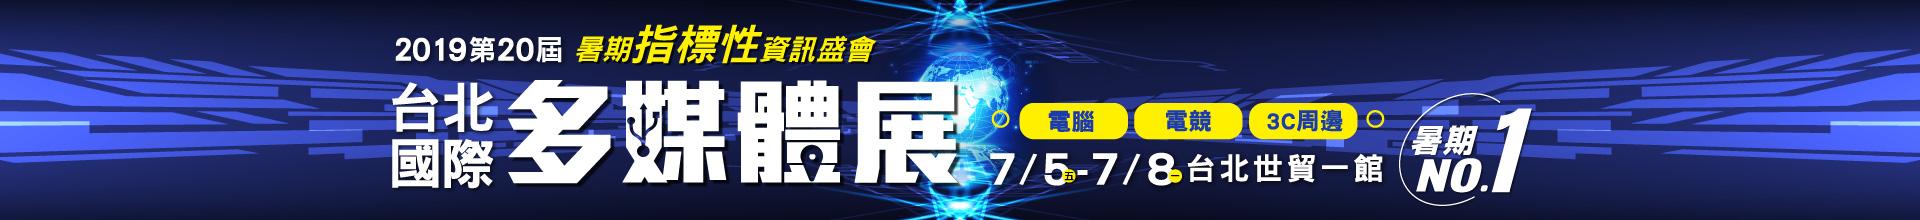 2018台北多媒體大展